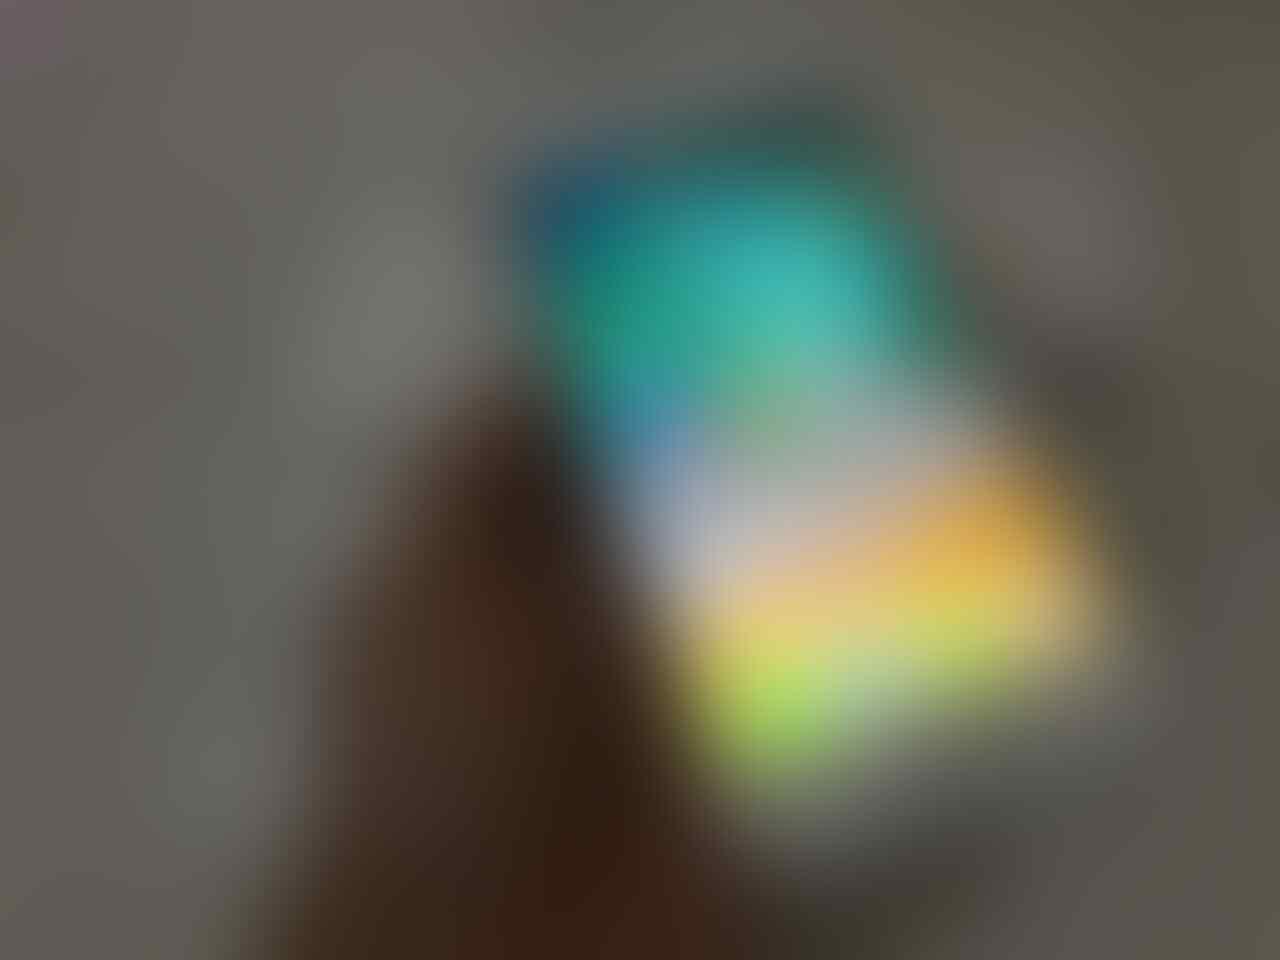 IPHONE 6S PLUS ROSEGOLD 64GB FULLSET MULUUSSS NORMAL MURAAHH 5150 SAJA [MALANG]